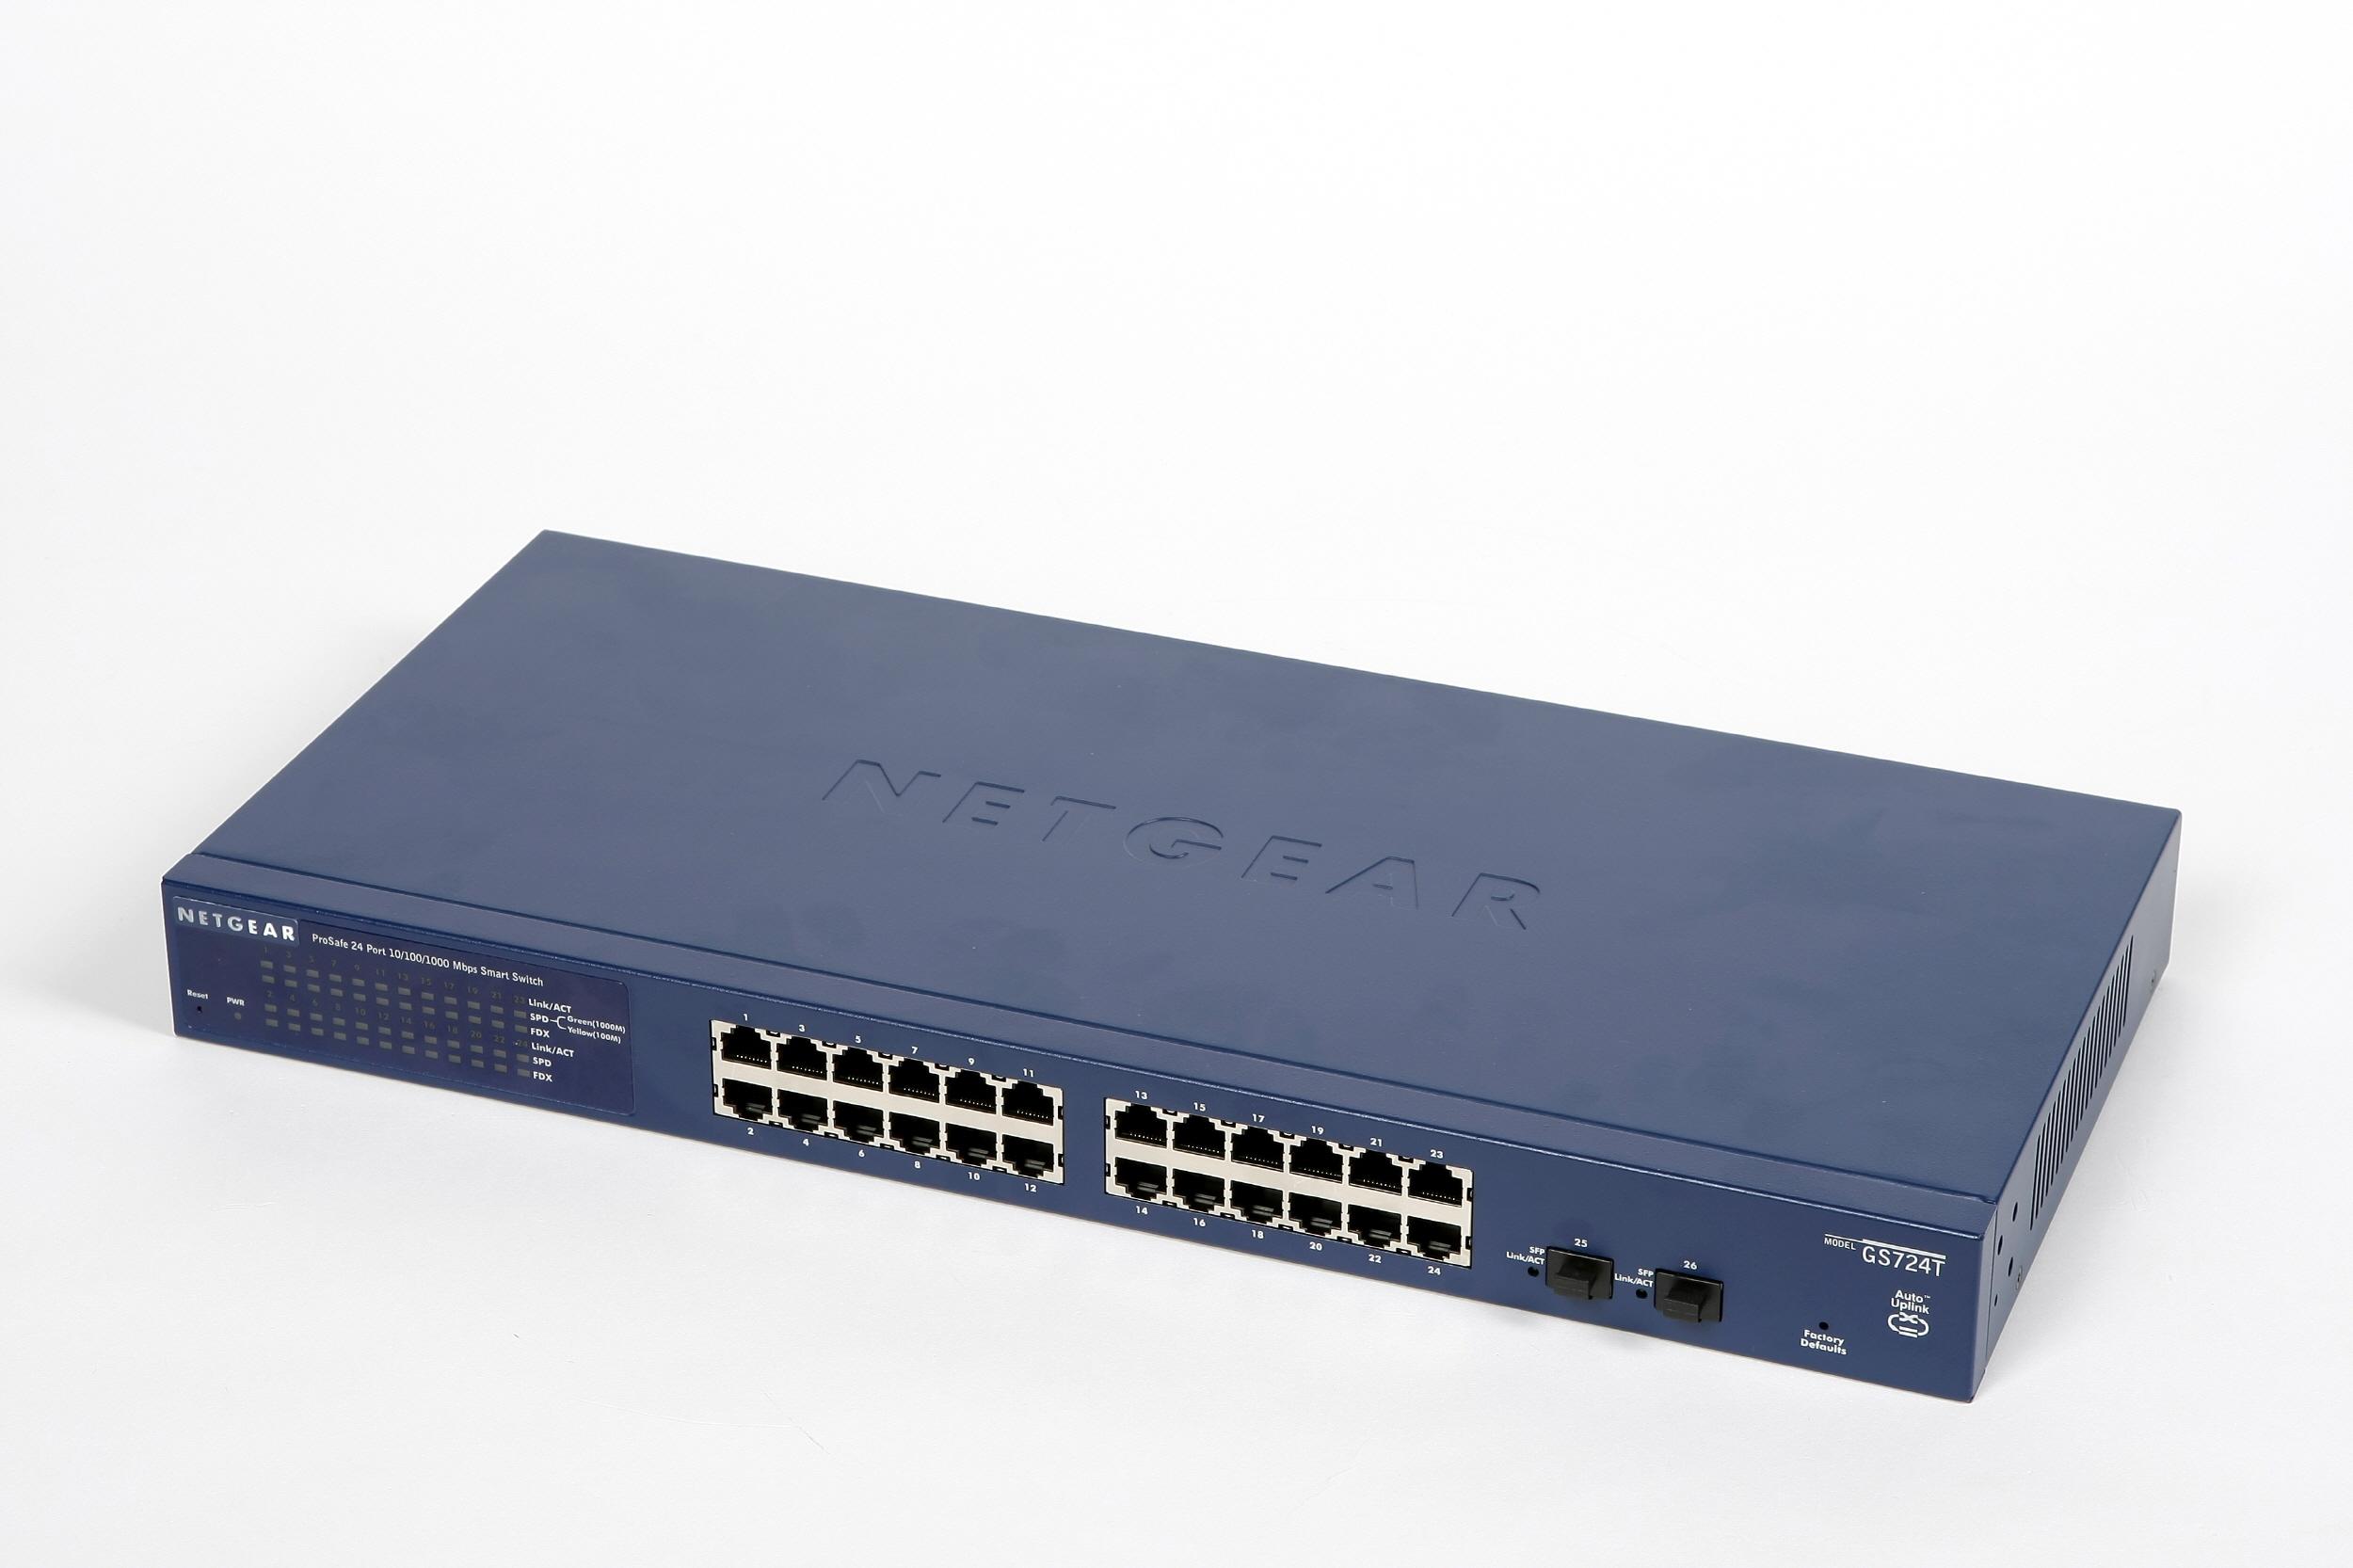 NETGEAR Switch Desktop Pro Safe 24-port 10/100/1000 GS724T-400EUS